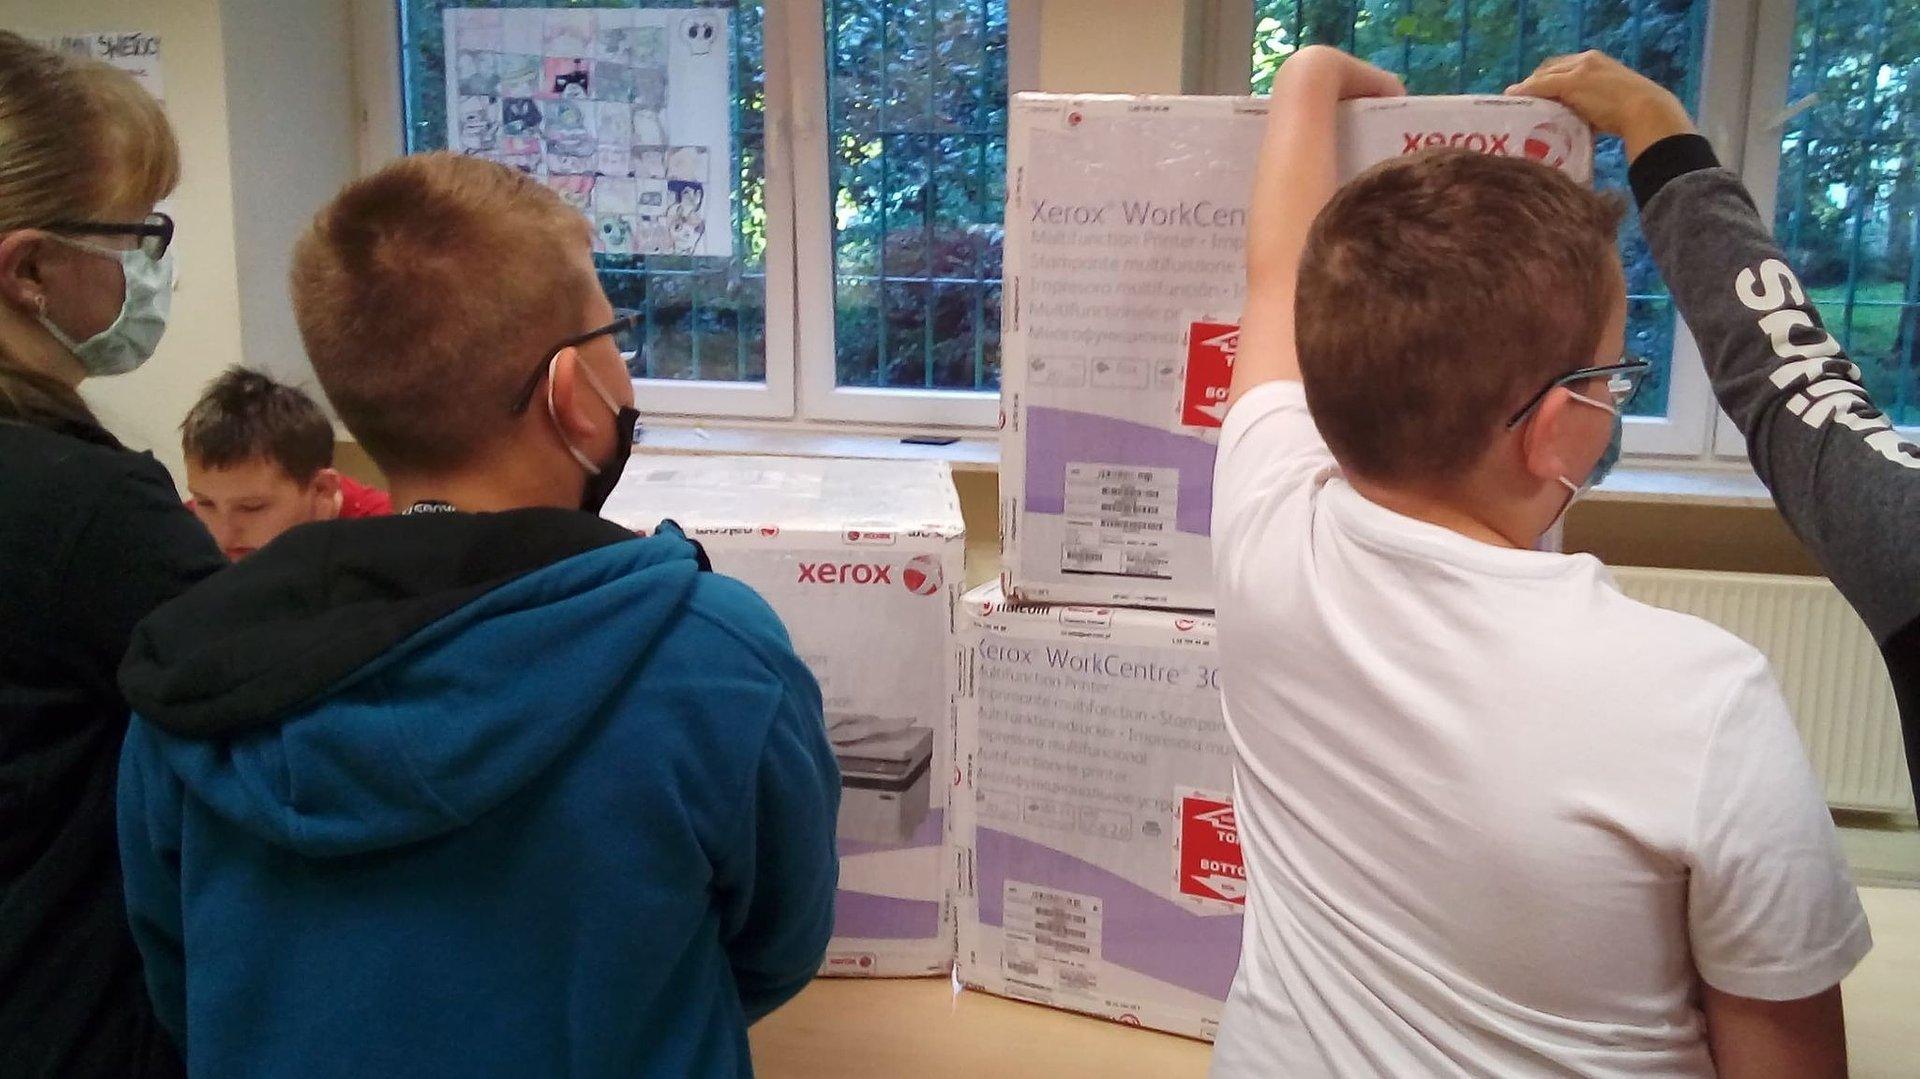 Drukarki za dziesiątki uśmiechów. Xerox pomaga niepełnosprawnym dzieciom z Lublina